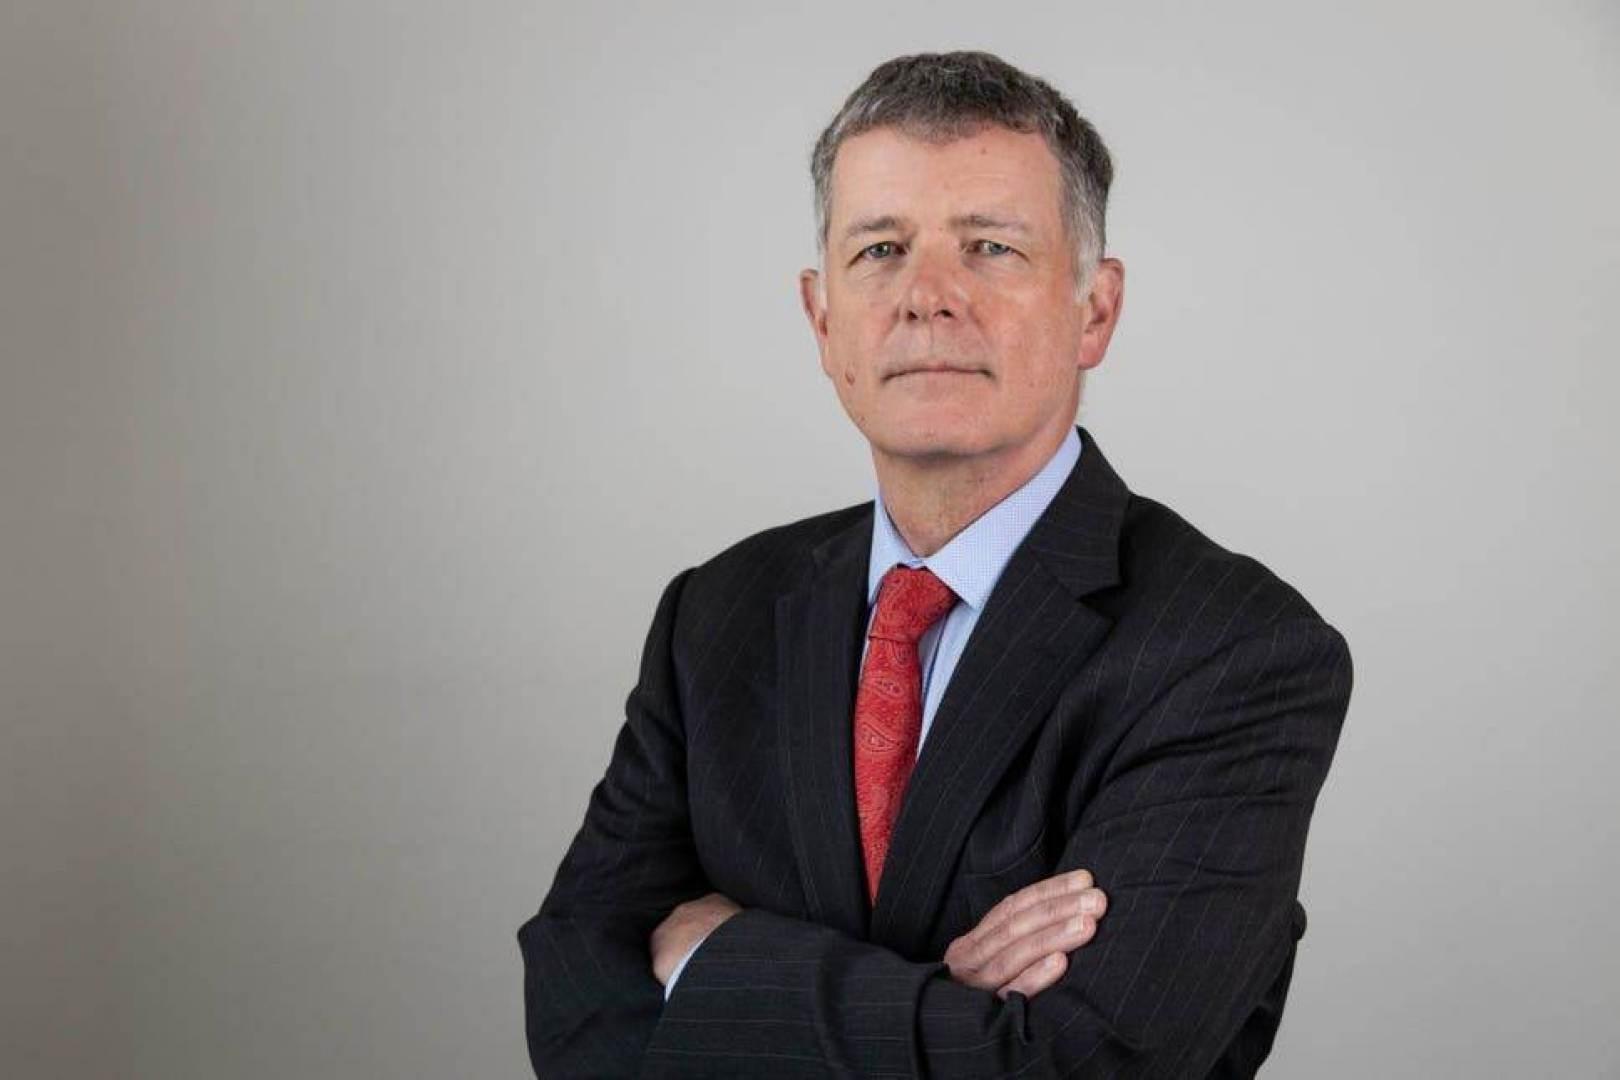 بريطانيا تعين ريتشارد مور رئيساً لجهاز المخابرات